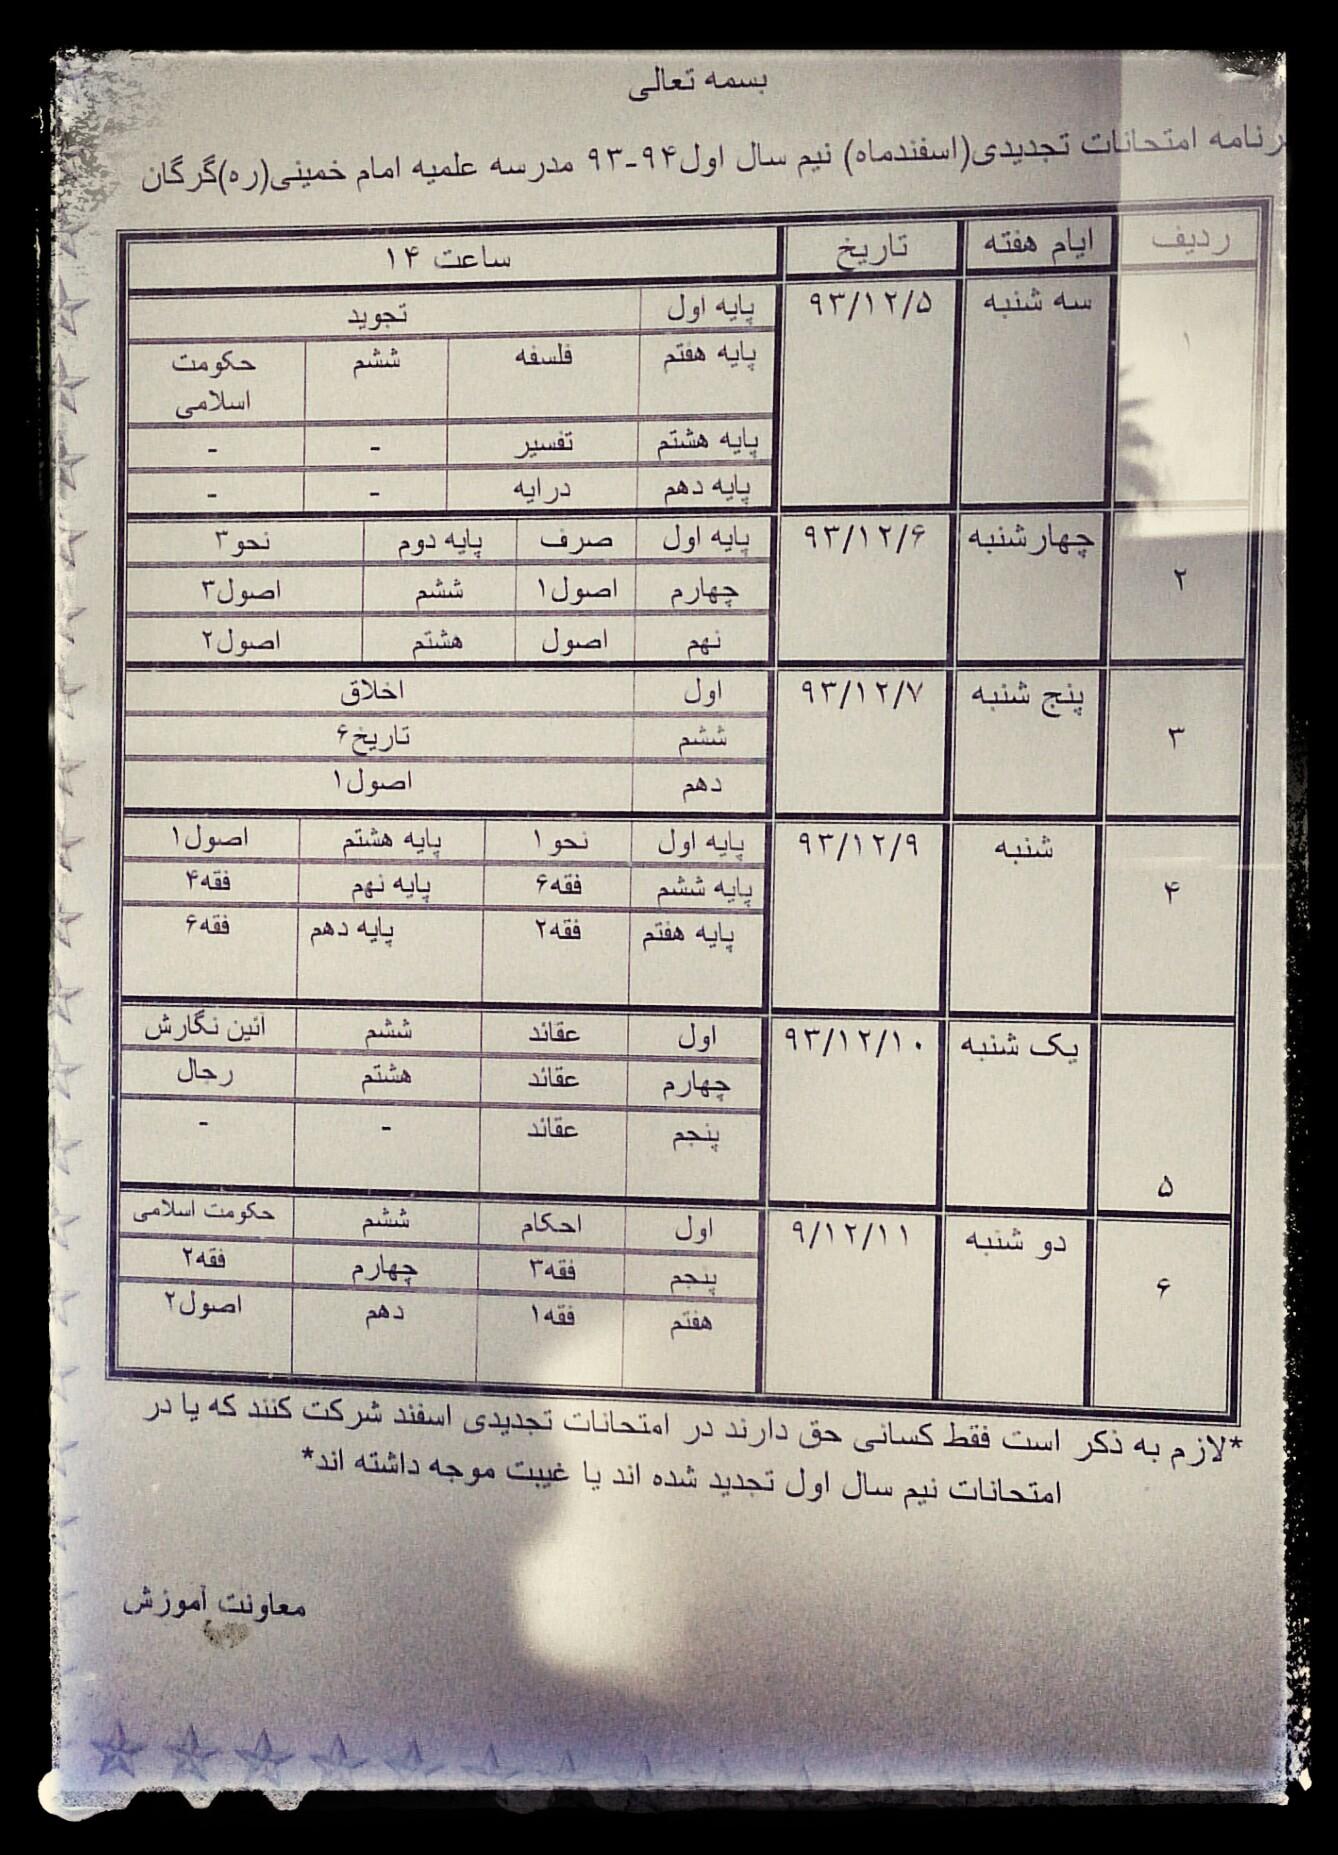 برنامه امتحانی اسفند ماه 93-مدرسه امام خمینی (ره) گرگان